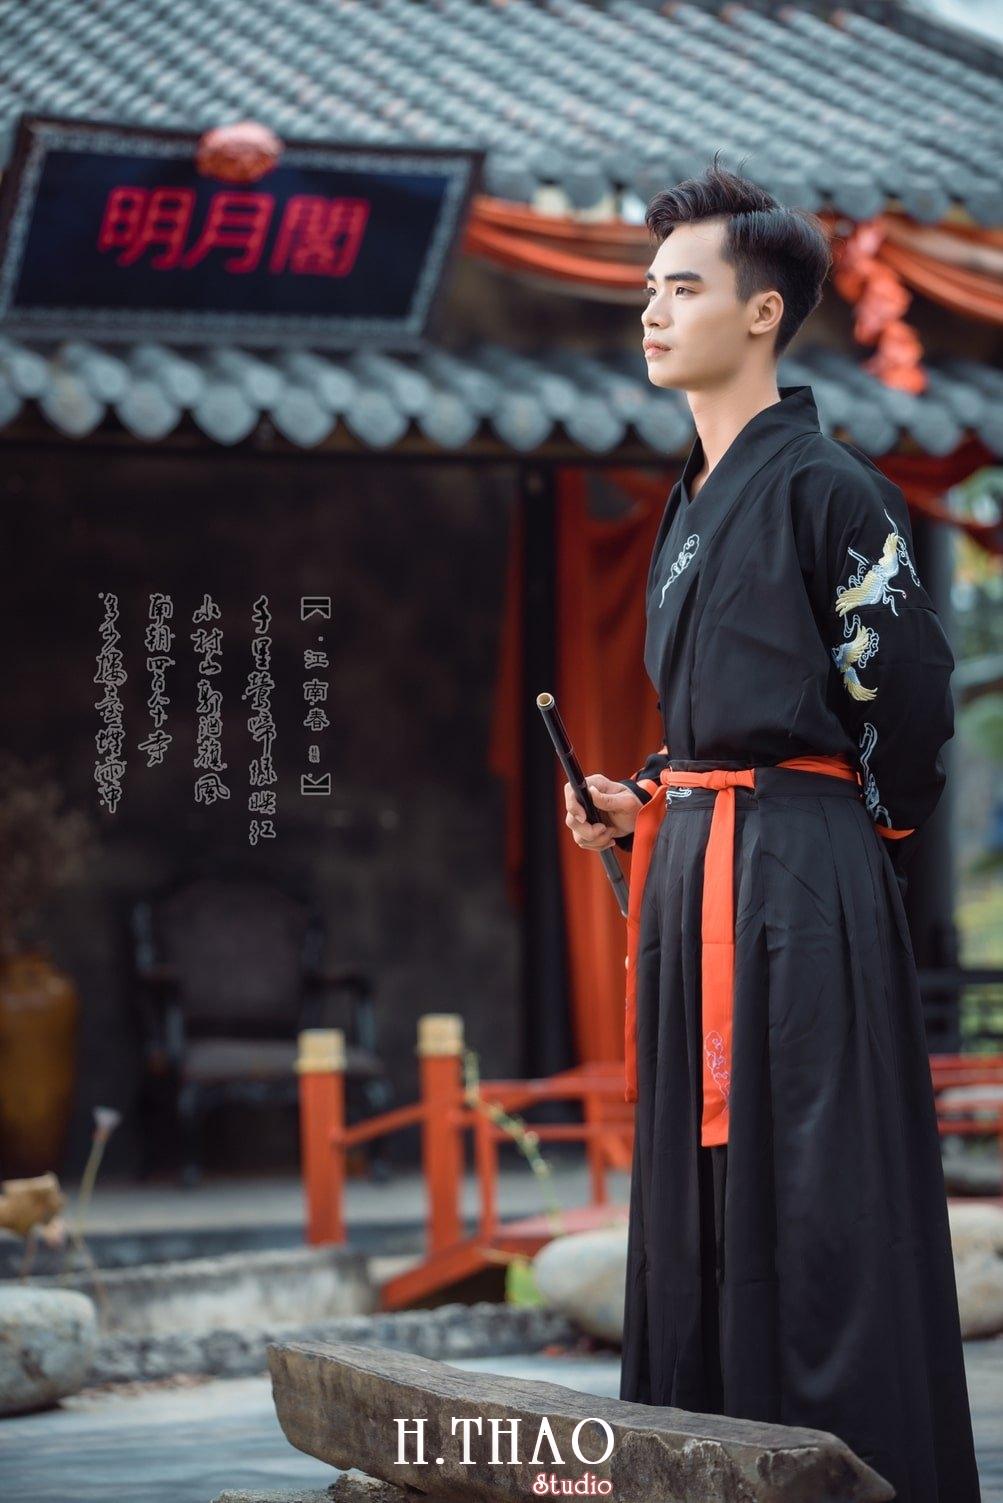 Anh Nam co trang 13 - Album chụp ảnh cổ trang nam phong cách Nhật Bản đẹp – HThao Studio